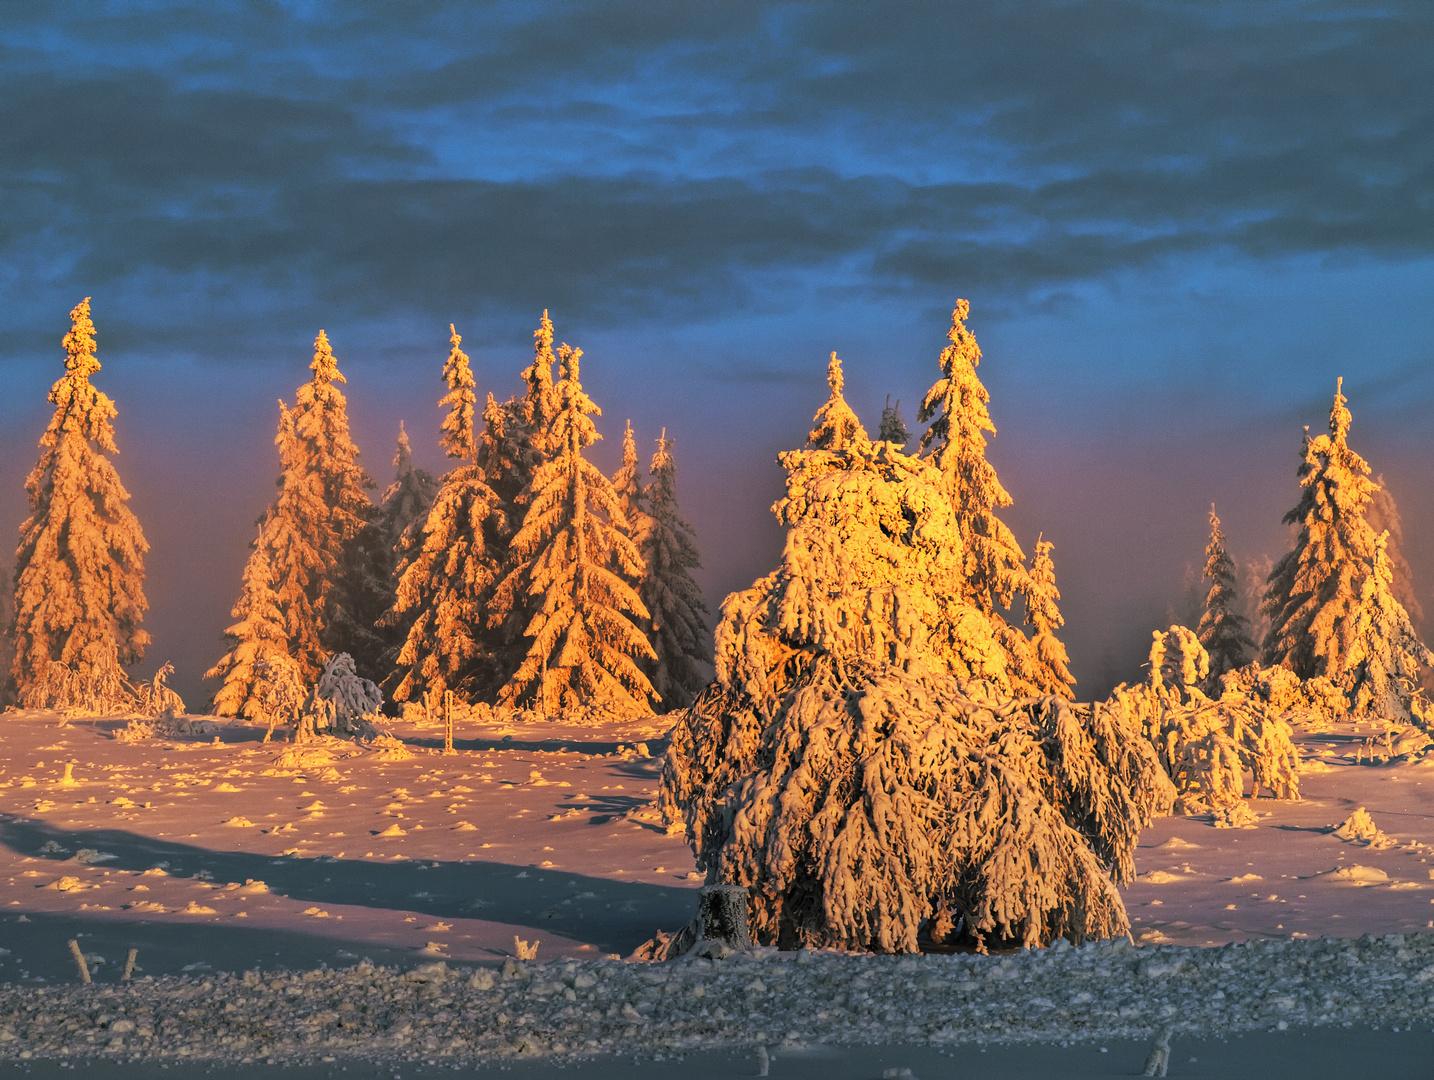 Nebel in der Morgensonne